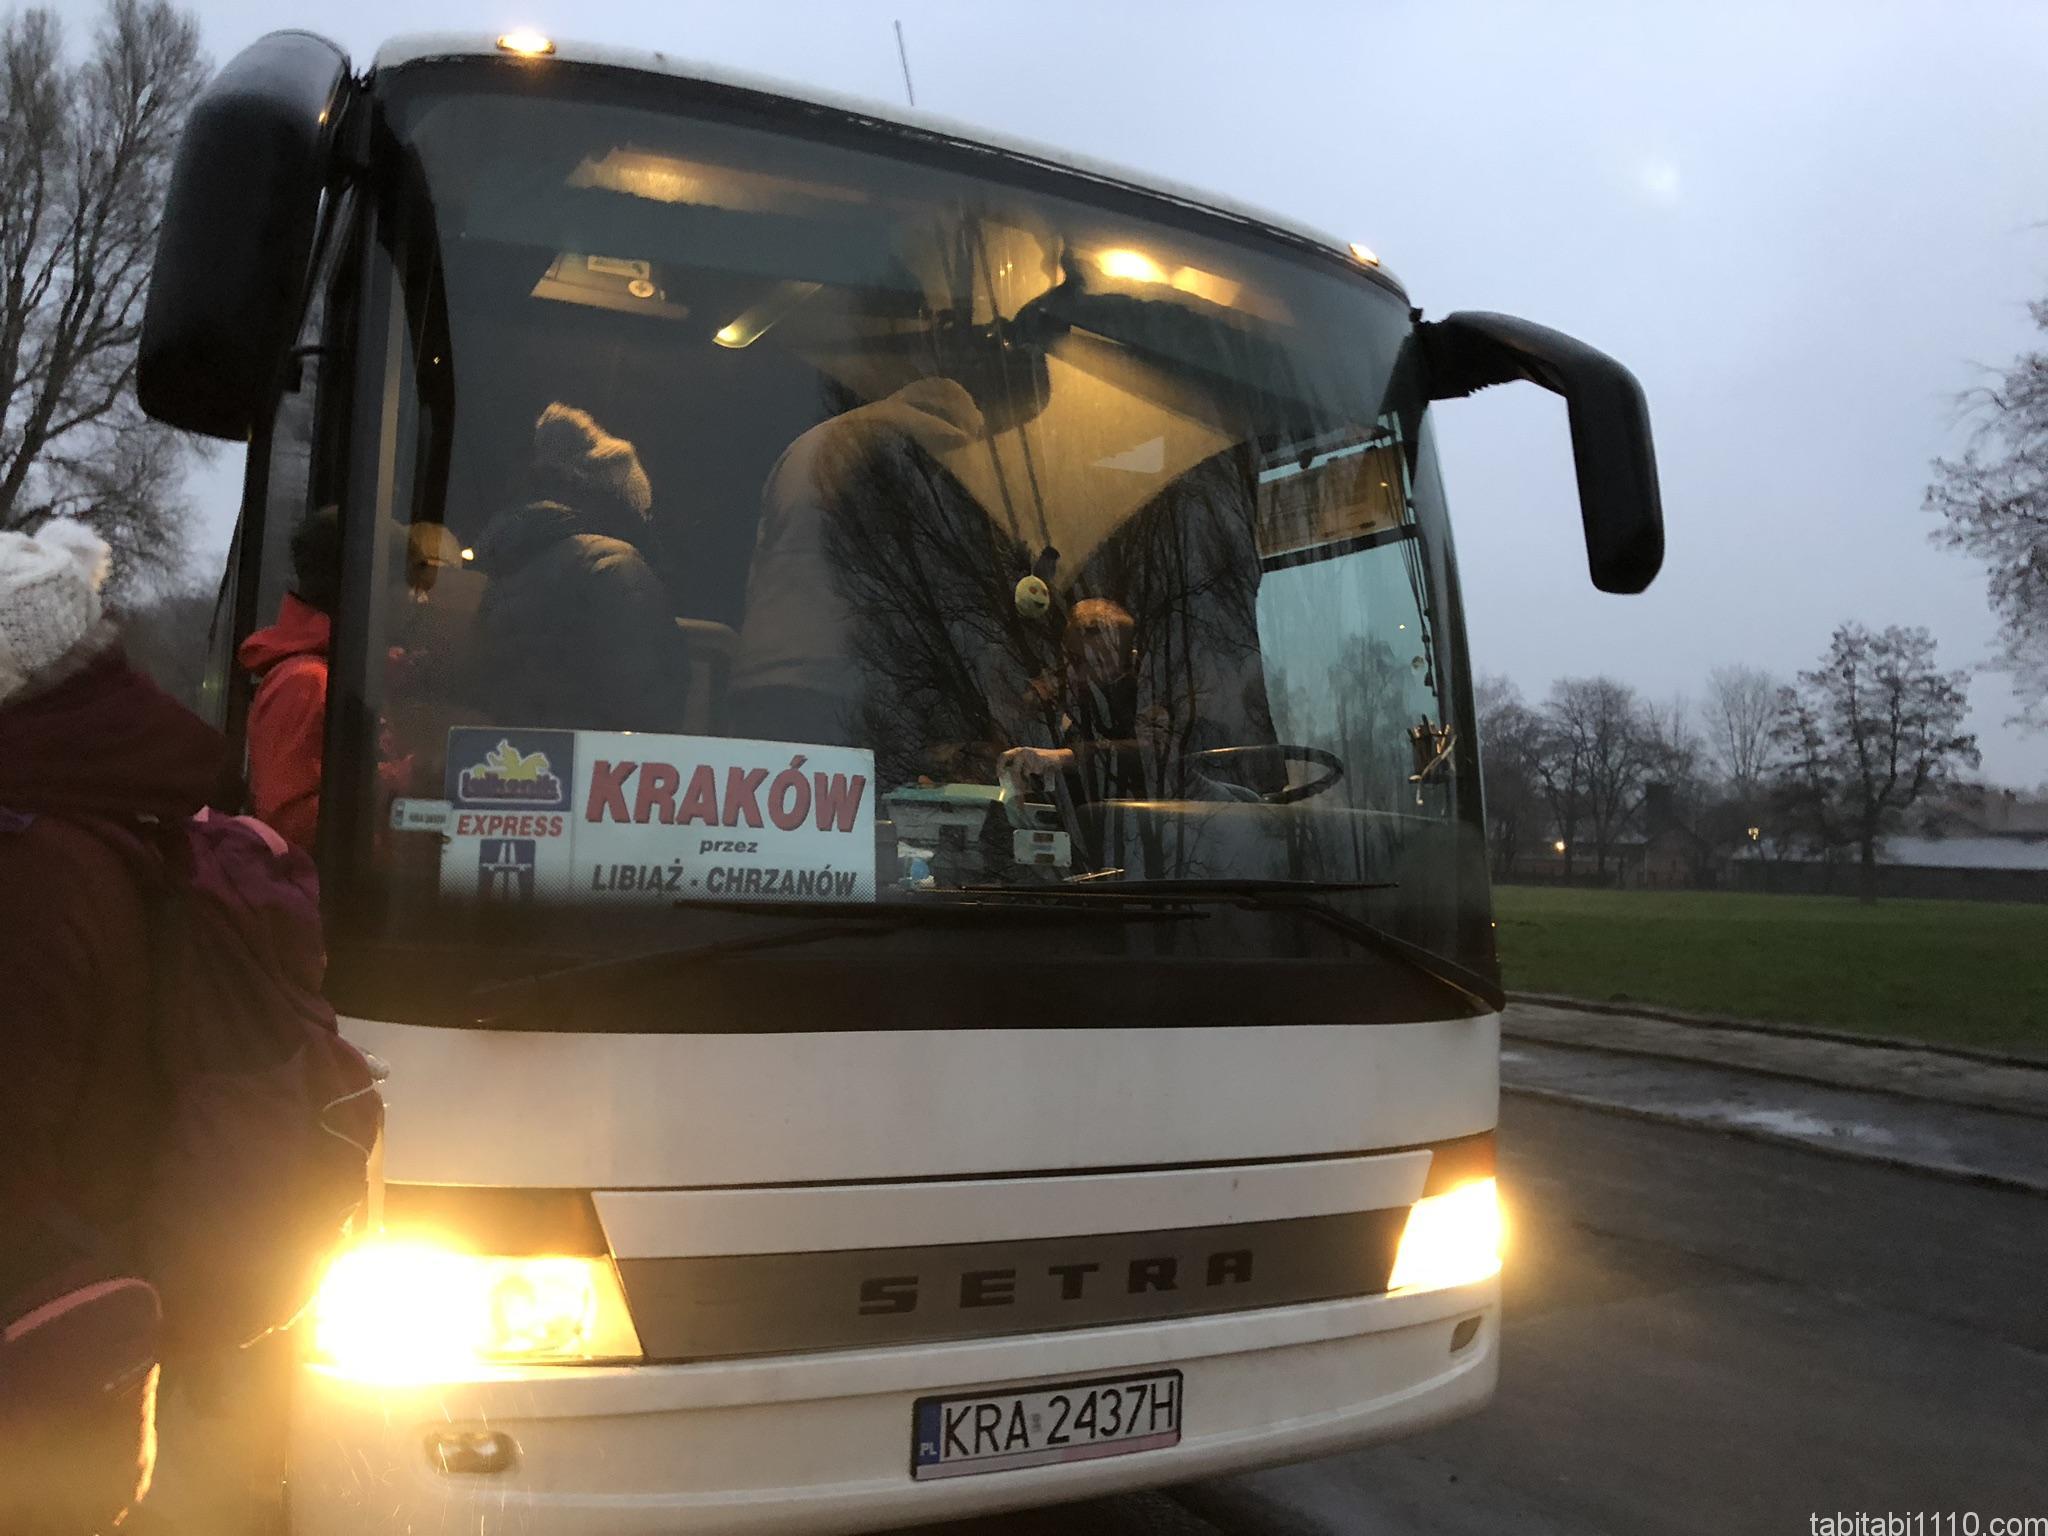 クラクフ行きバス